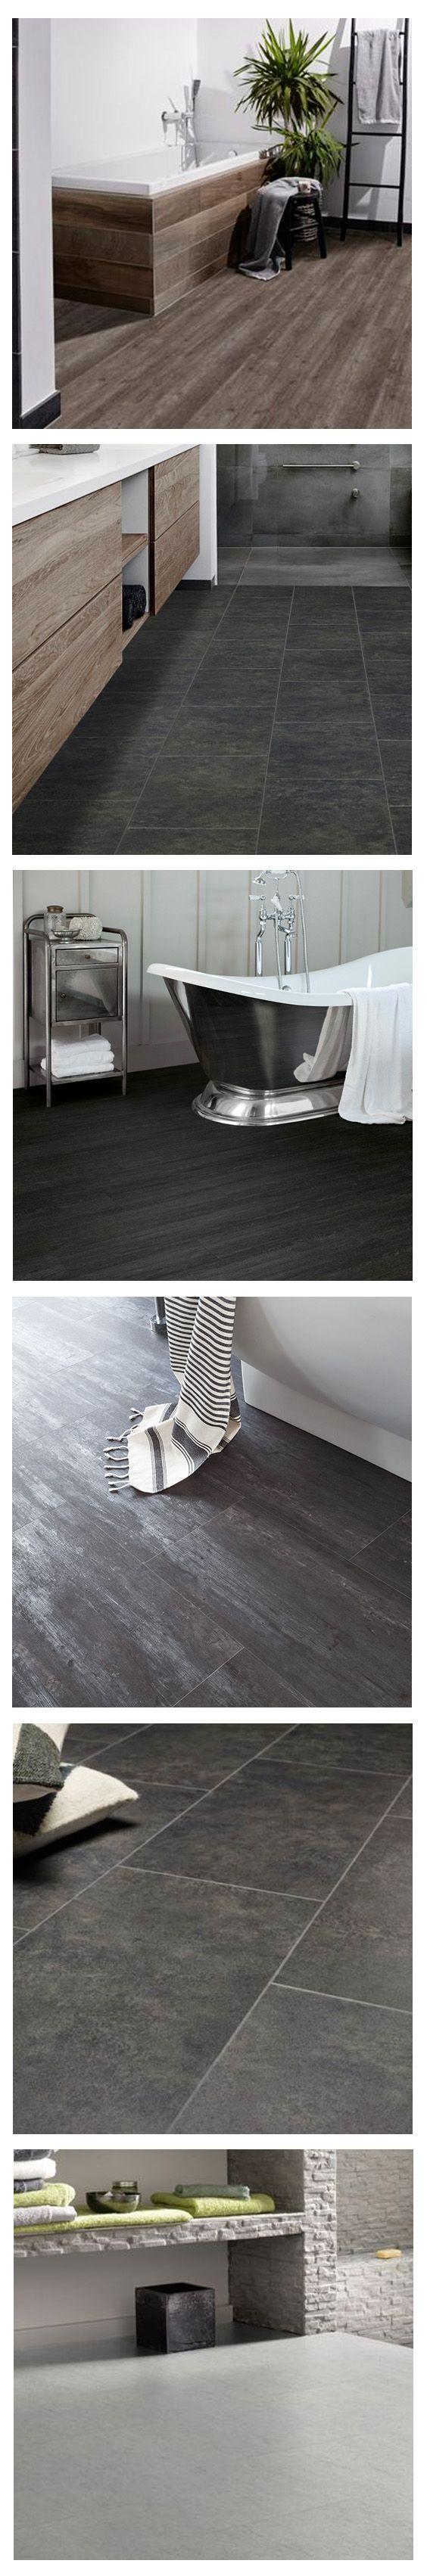 Pvc vloer tegels betonlook en houtlook inspiratie voor de badkamer. Perfecte geleider van vloerverwarming. Past zowel in een modern interieur als een industrieel Interieur. Bestel tot 6 gratis vloerstalen op onze website. #pvcvloer #pvc #vloer #vloeren #pvcvloeren #badkamer #woonkamer #keuken #tegels #klik #licht #donker #taupe #bruin #grijs